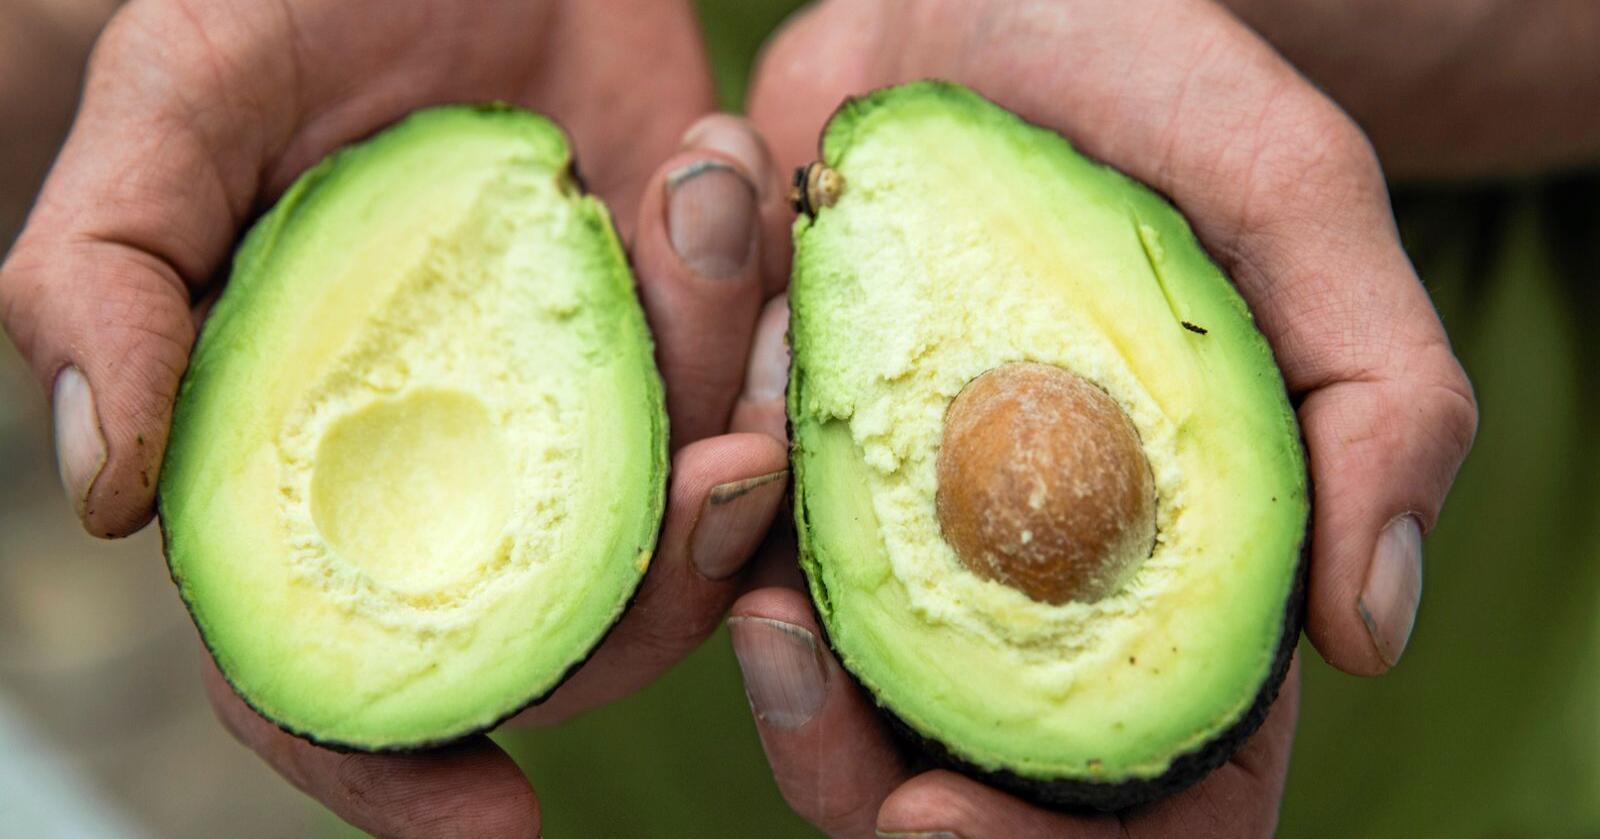 Forbruket av avokado har økt voldsomt de siste årene. Foto: Berit Roald / NTB scanpix